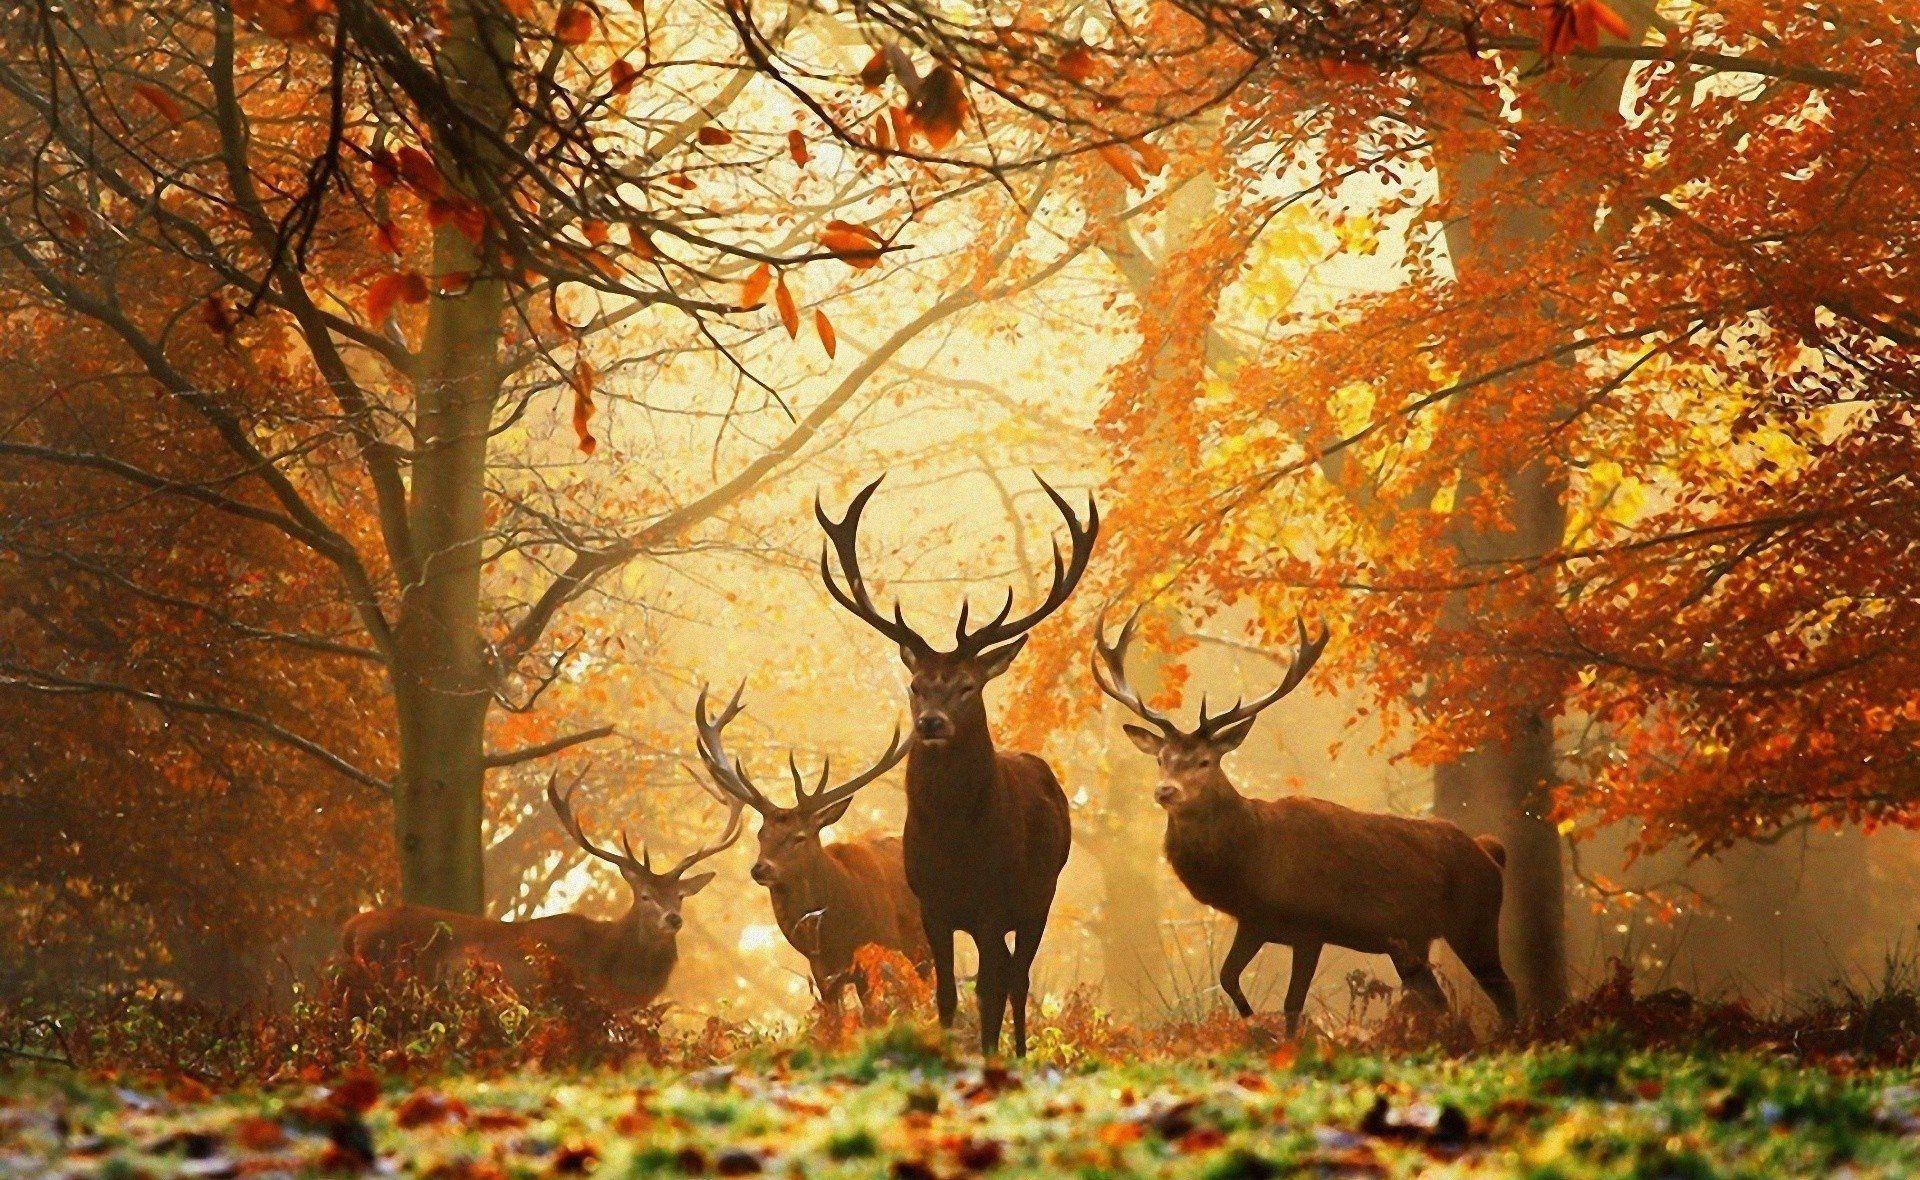 deer wallpapers